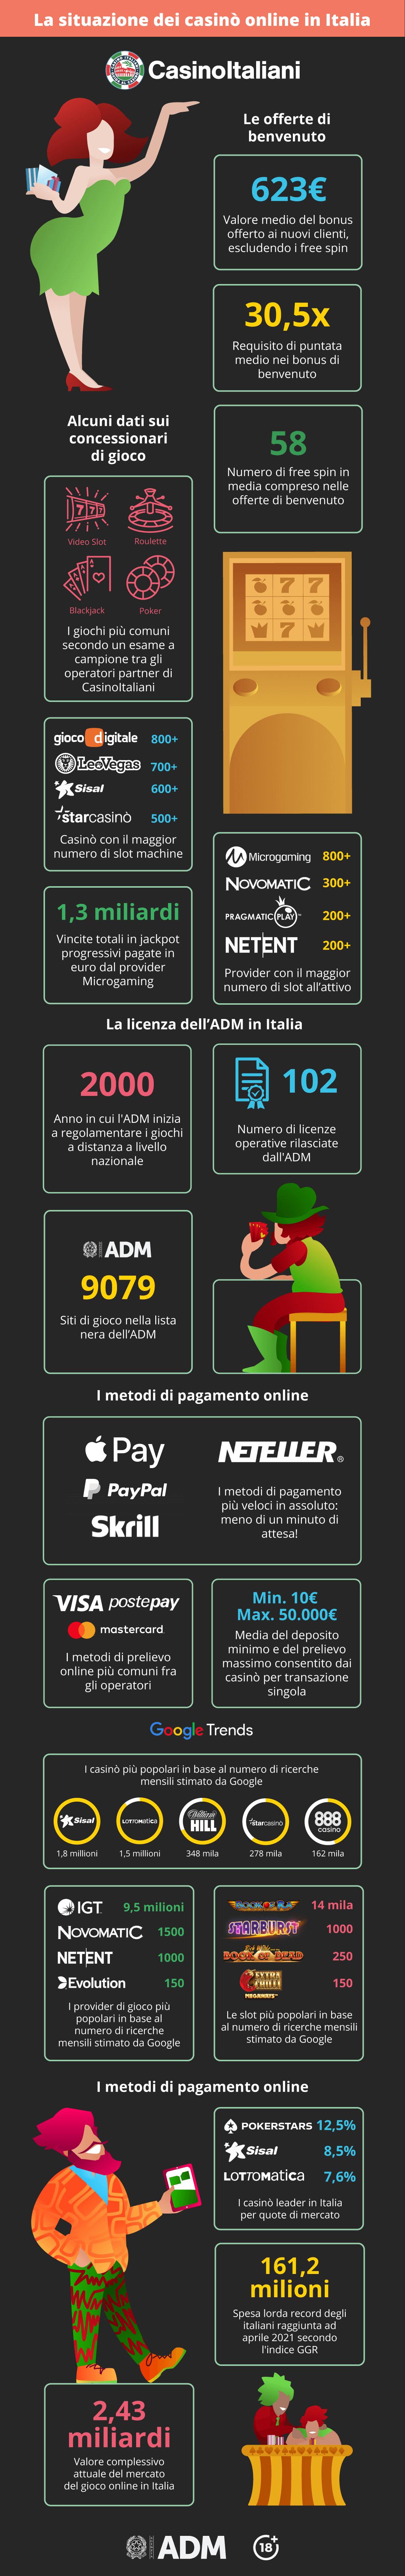 Lo stato dei casinò online in Italia - Infografica 2021